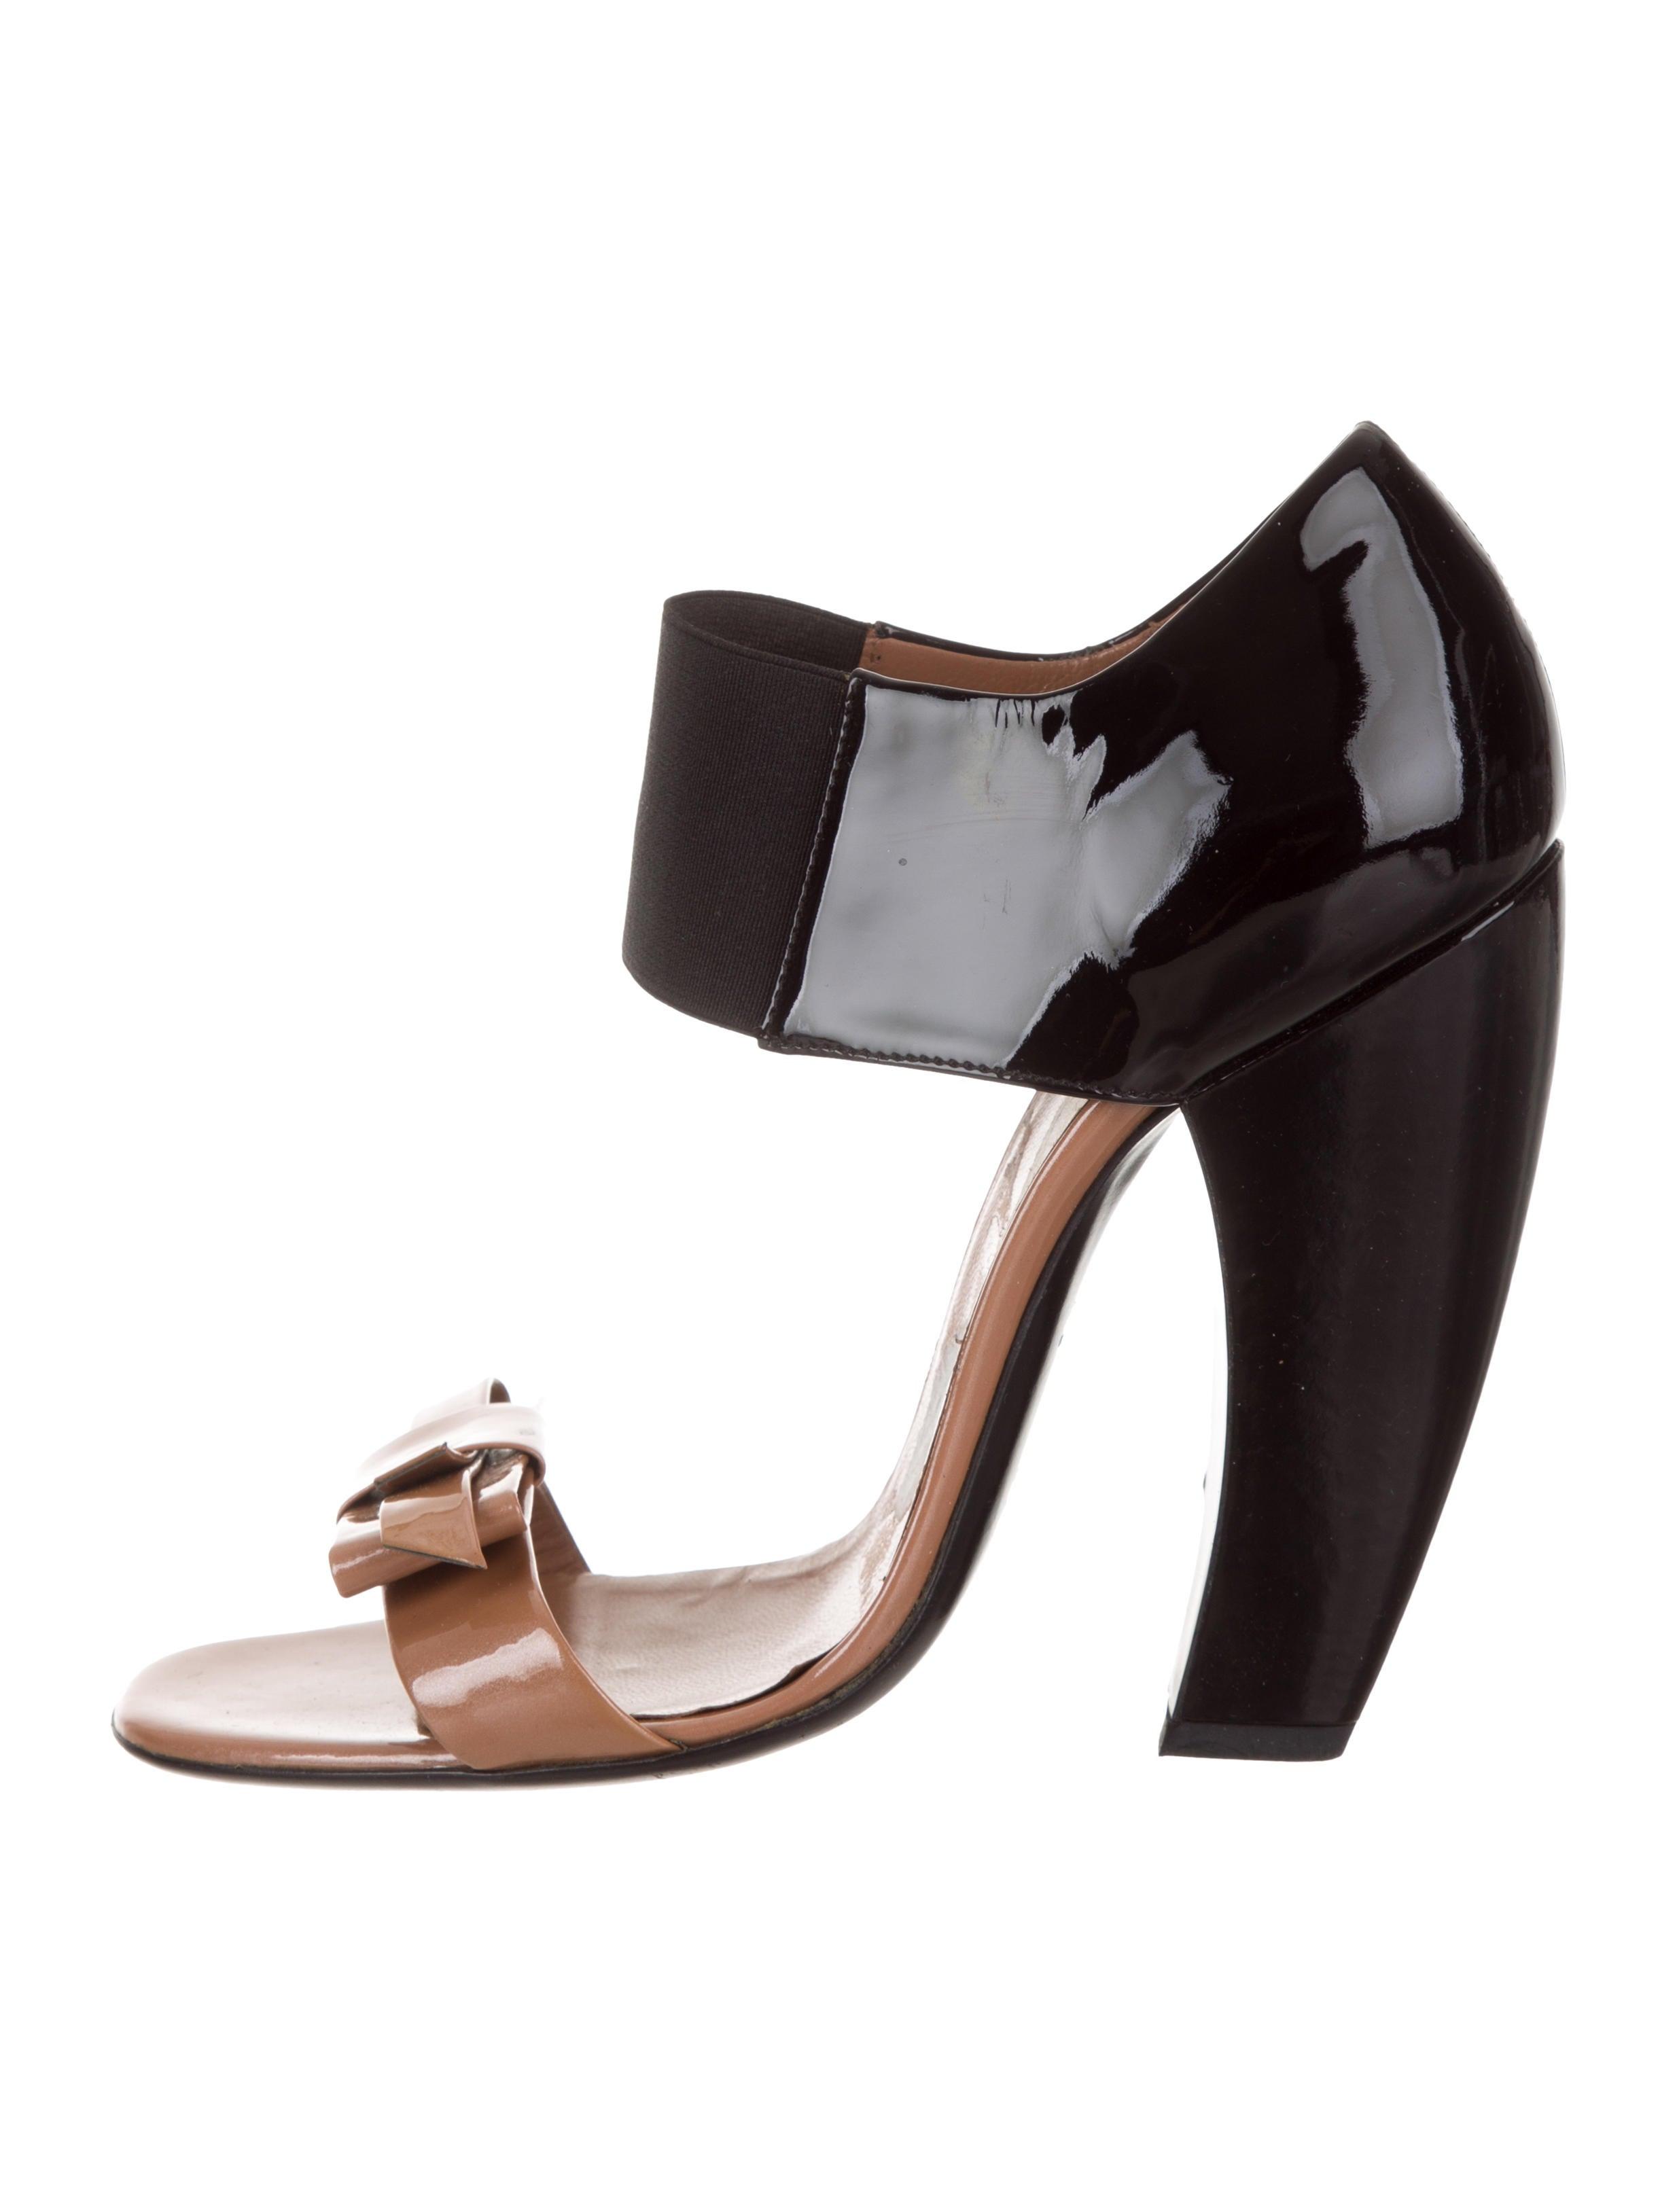 Prada Patent Leather Bicolor Sandals Shoes Pra274168